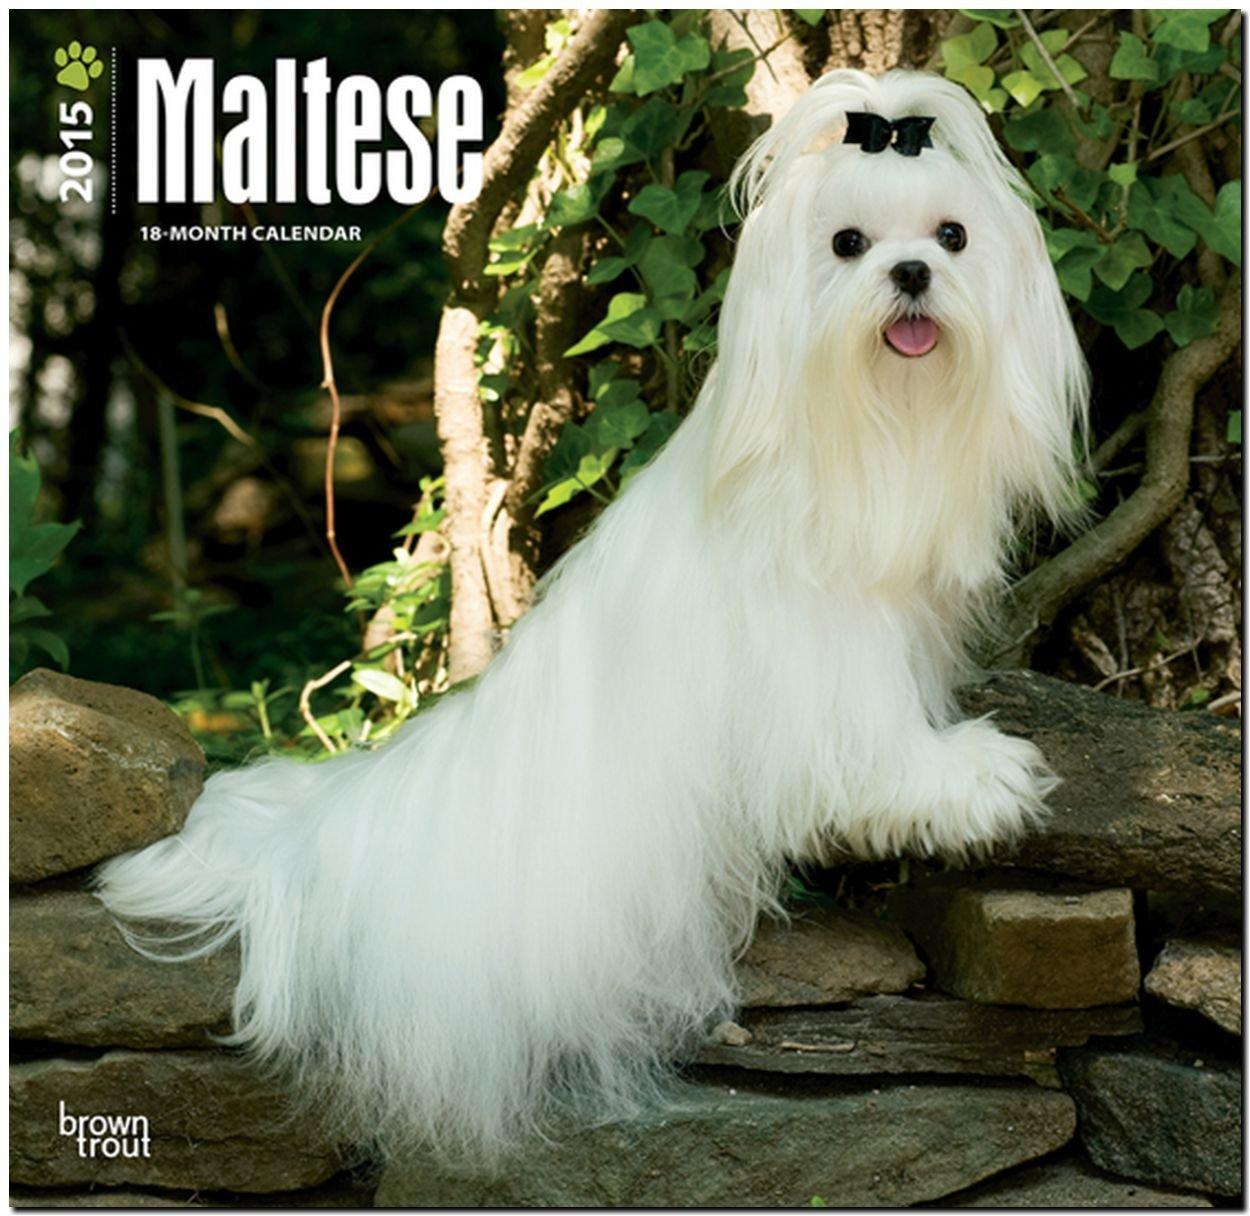 Maltese 2015 - Malteser: Original BrownTrout-Kalender [Mehrsprachig] [Kalender]